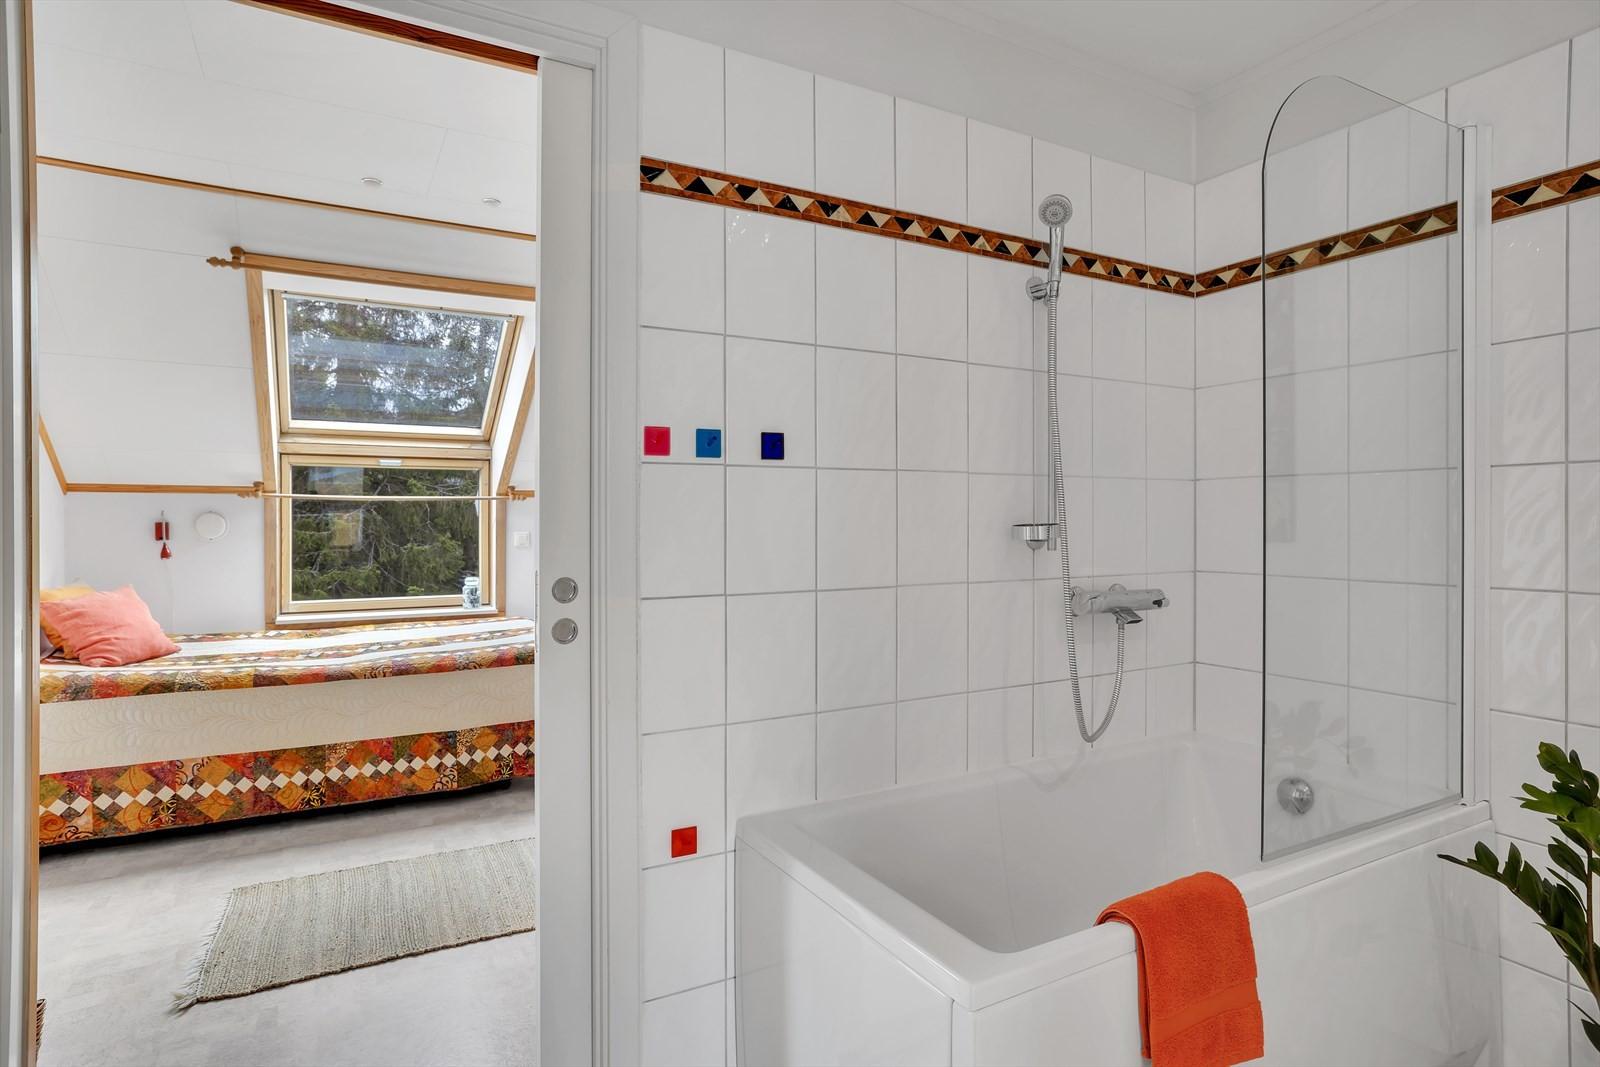 Soverommet har direkte adkomst til badet